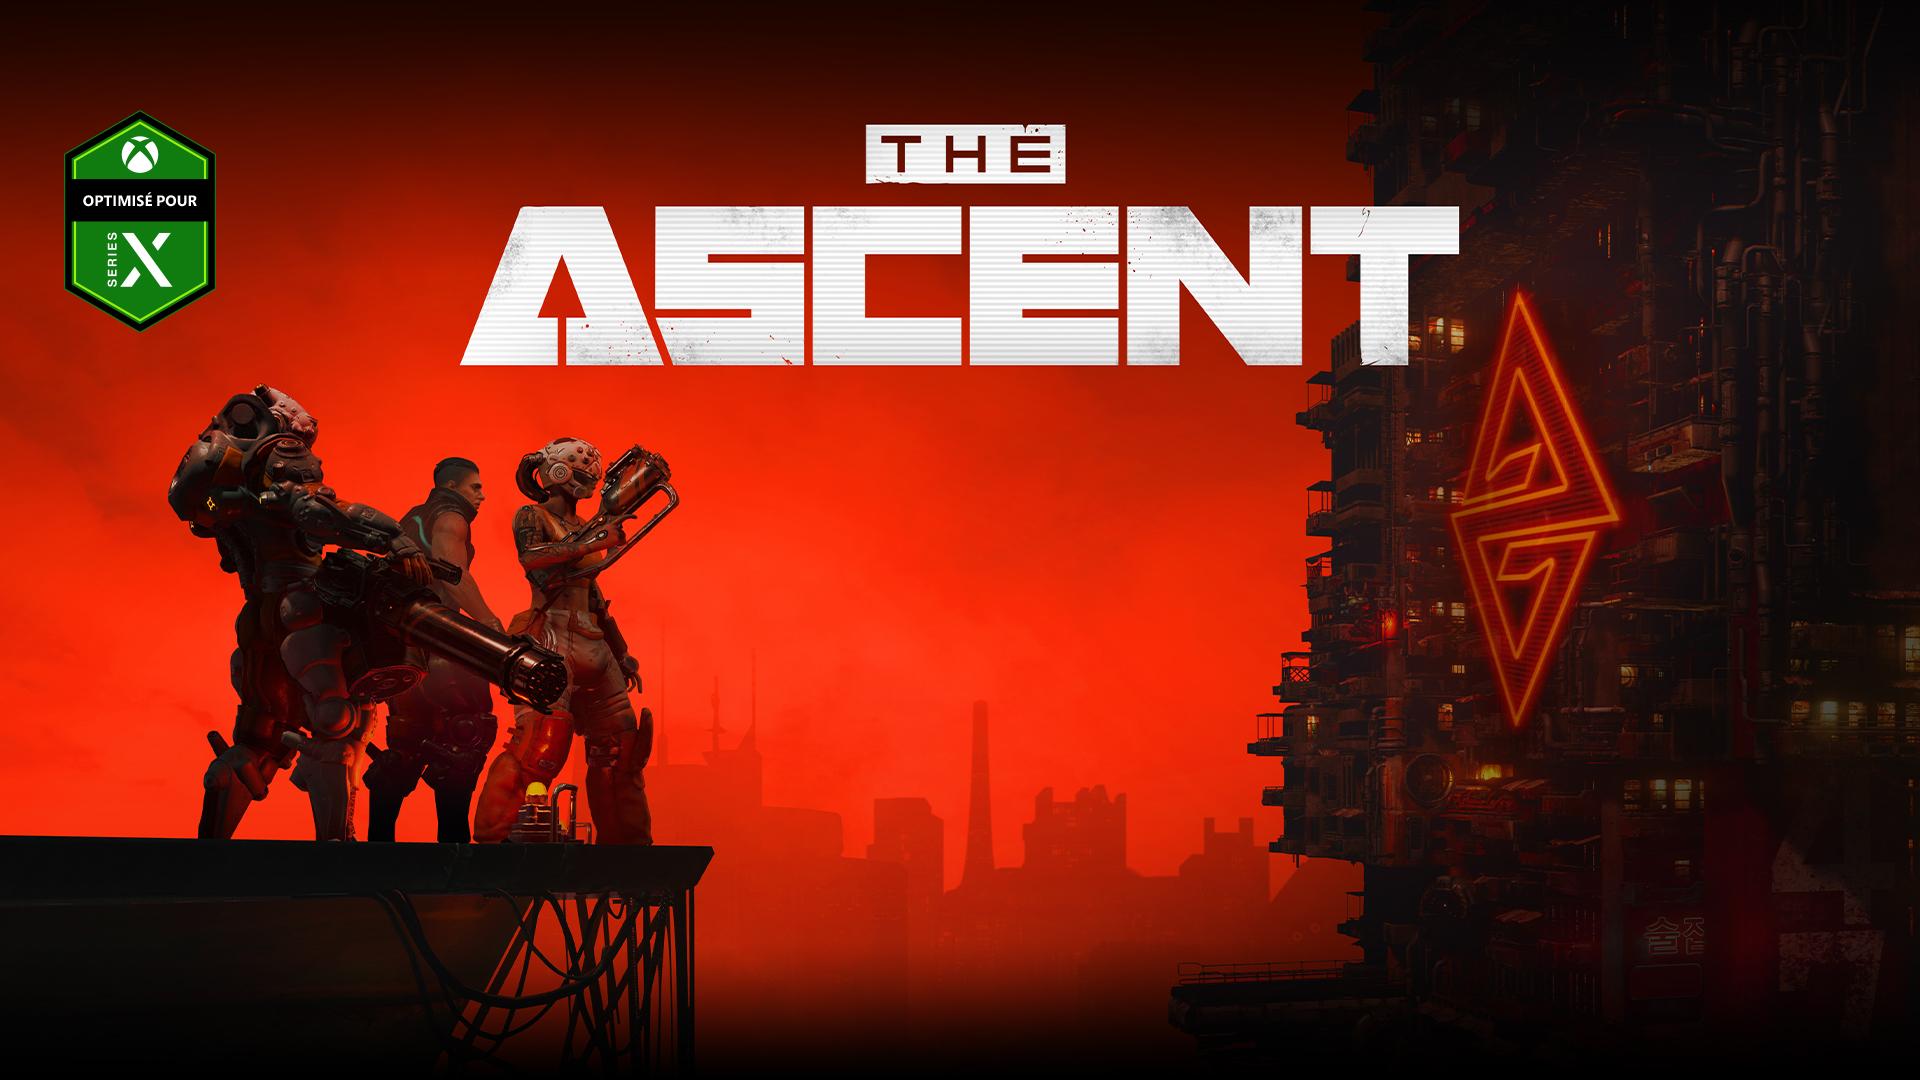 Dans The Ascent, optimisé pour Xbox Series X, trois personnages se tiennent sur une plate-forme donnant sur un grand bâtiment industriel de style cyberpunk